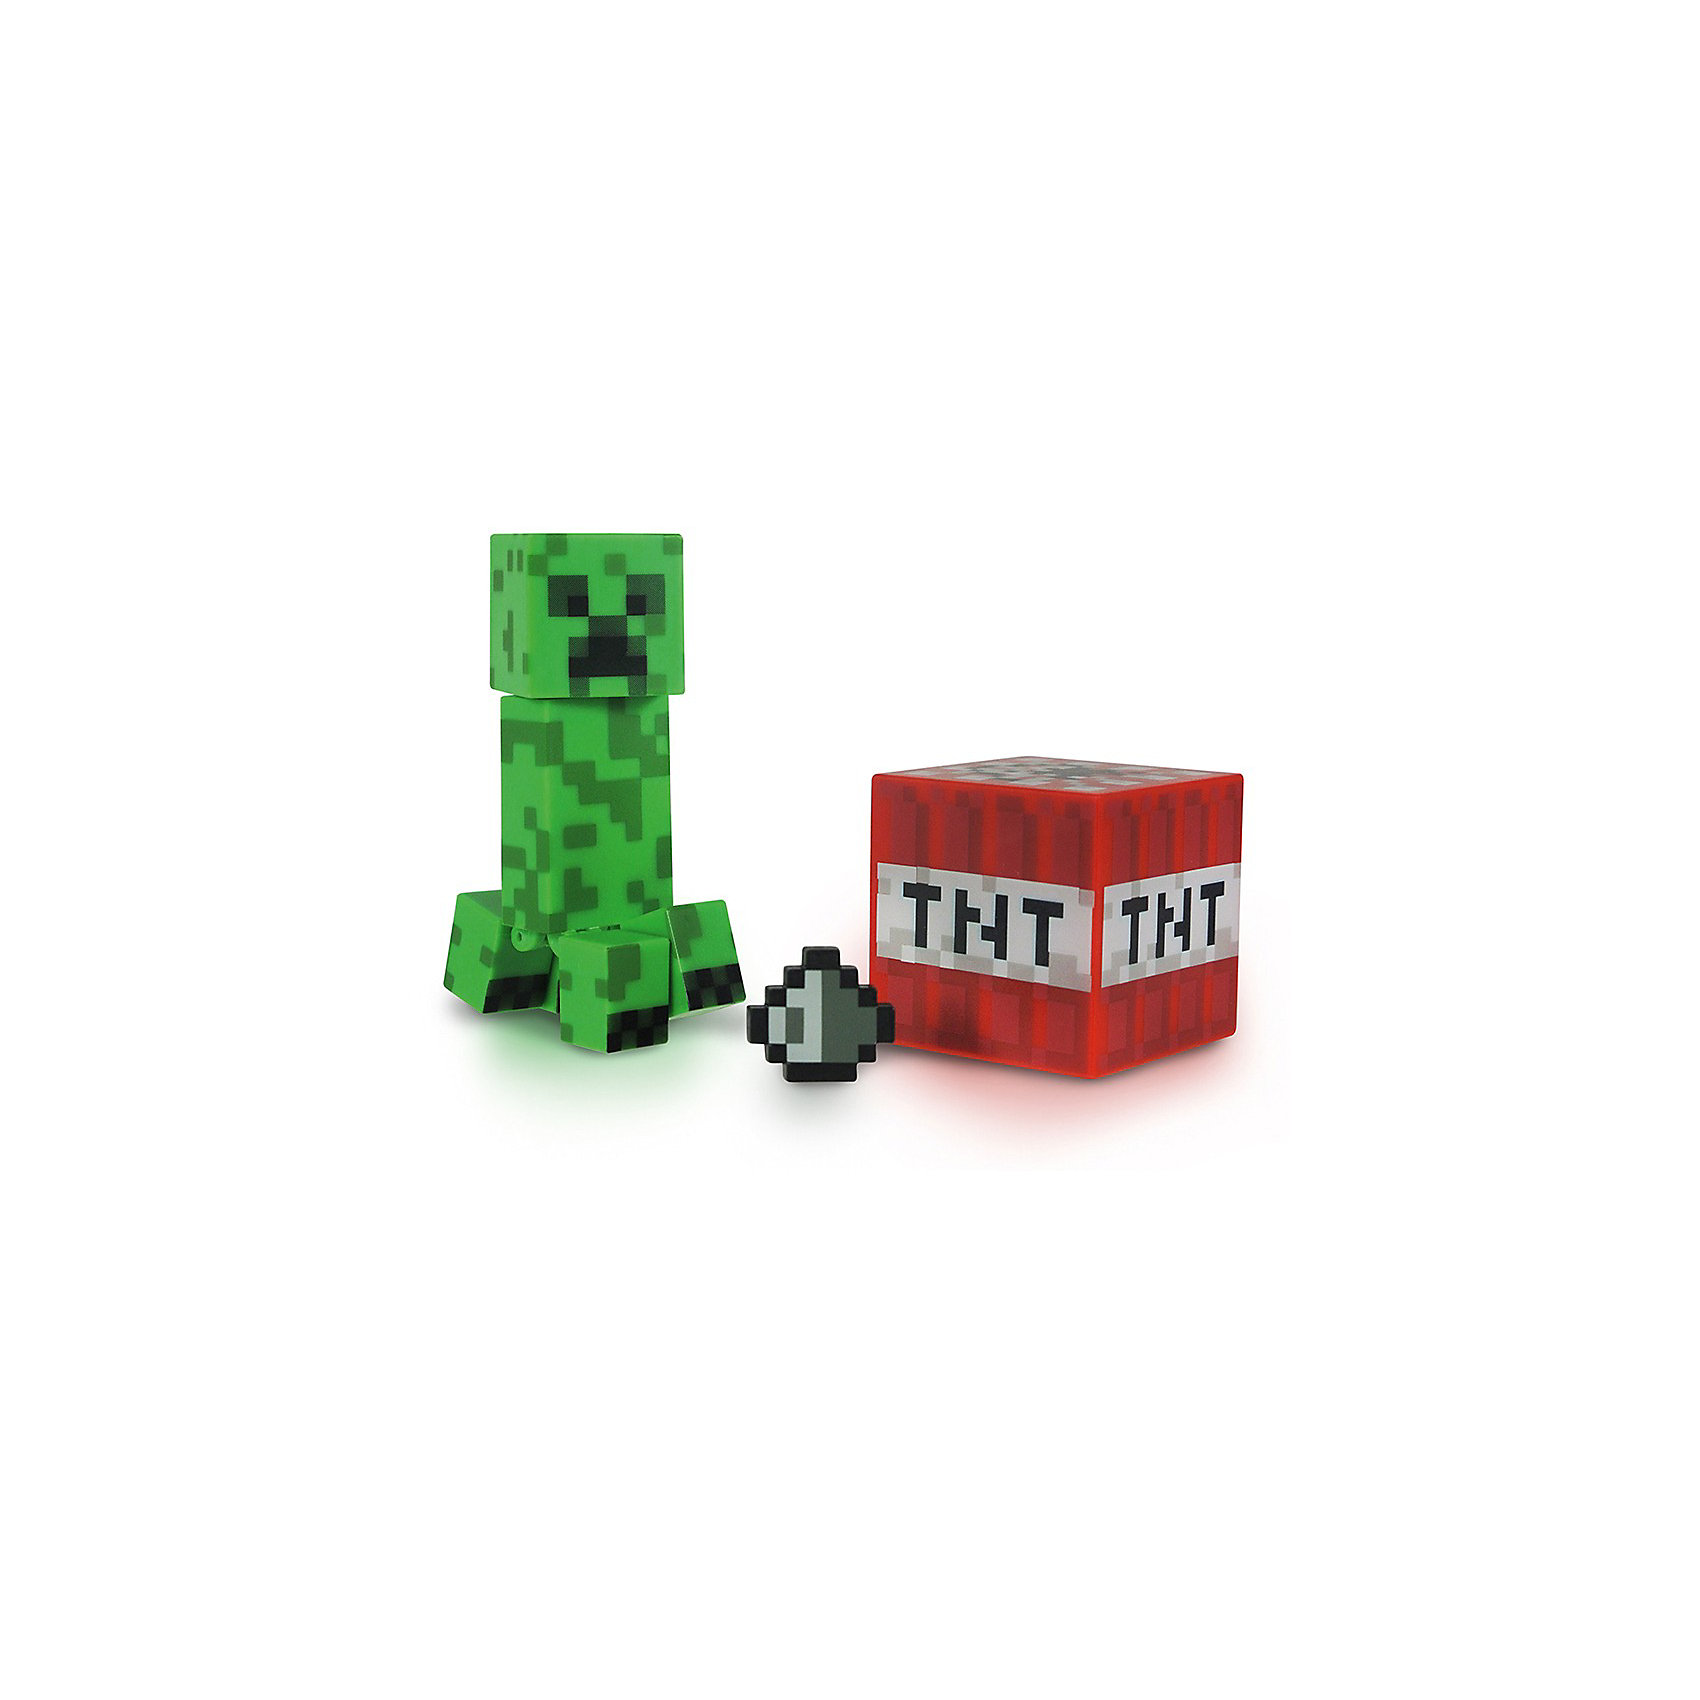 Фигурка Крипер, 8см, MinecraftКоллекционные и игровые фигурки<br>Фигурка Крипер, 8см, Minecraft (Майнкрафт) – это качественно выполненная фигурка враждебного моба-камикадзе из культовой игры Майнкрафт.<br>Игровая фигурка Крипера, которая внешне представляет собой самого примечательного и яркого, по-настоящему характерного для видеоигры Minecraft персонажа, станет отличным оригинальным подарком для любого игрока. Голова и ноги фигурки подвижны, что позволит придавать Криперу различные позы. В комплект входят пиксельный кубик-динамит и дополнительный аксессуар в виде кусочка угля, которые весьма характерны для этого персонажа игры. Ваш ребенок будет часами играть с этой фигуркой, придумывая различные истории.<br><br>Дополнительная информация:<br><br>- В комплекте: фигурка Кипера, пиксельный кубик, дополнительный аксессуар<br>- Материал: высококачественный пластик<br>- Размер: 8 см.<br>- Размер упаковки: 14,5 х 17,5 х 5 см.<br><br>Фигурку Крипер, 8см, Minecraft (Майнкрафт) можно купить в нашем интернет-магазине.<br><br>Ширина мм: 178<br>Глубина мм: 146<br>Высота мм: 40<br>Вес г: 79<br>Возраст от месяцев: 72<br>Возраст до месяцев: 120<br>Пол: Мужской<br>Возраст: Детский<br>SKU: 3712316